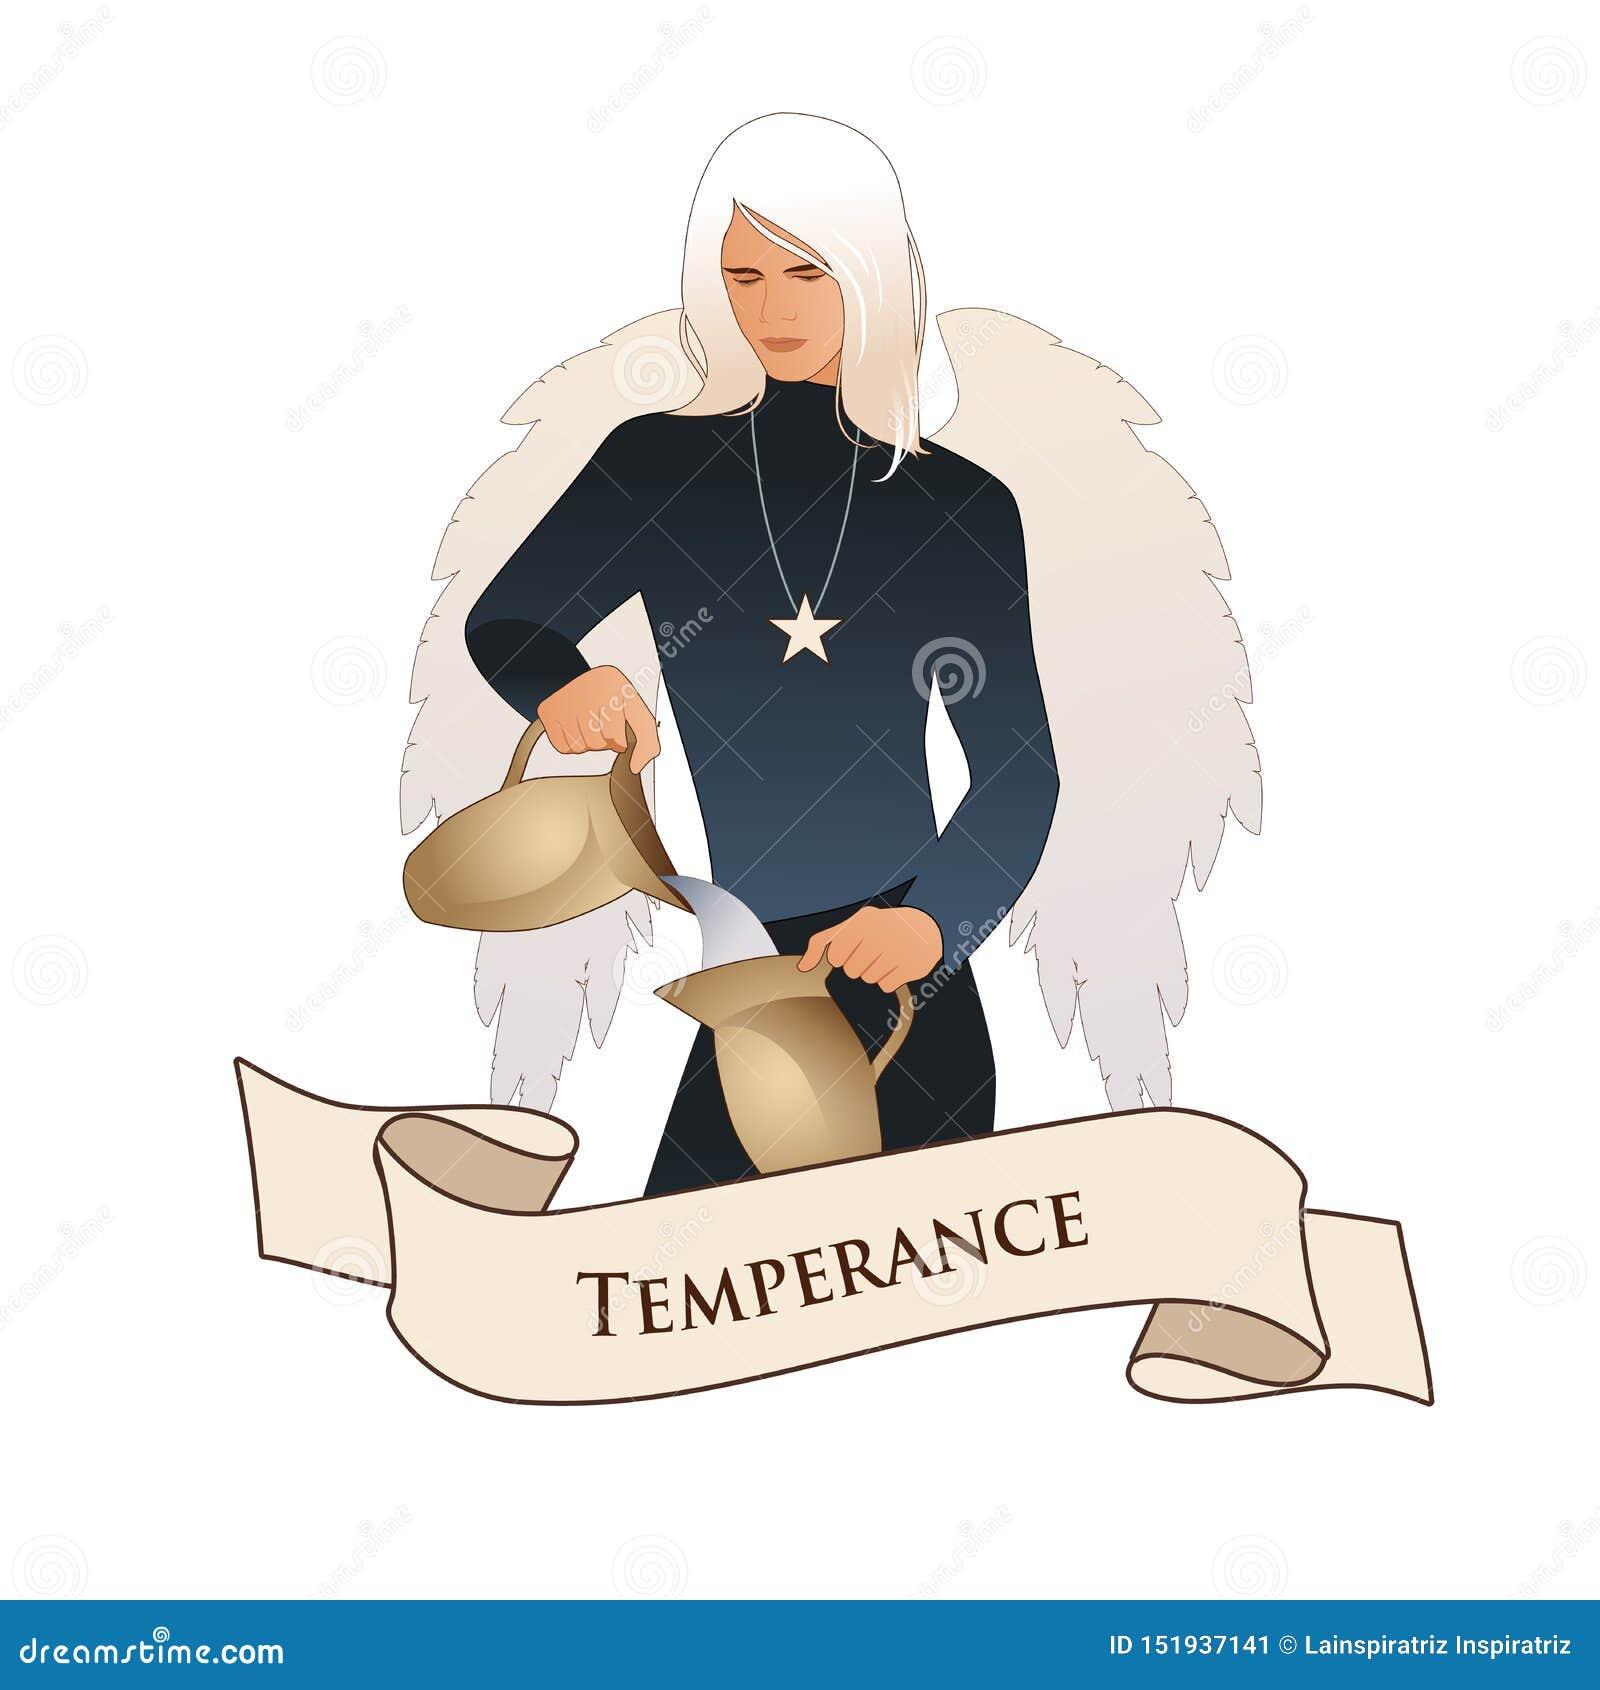 Major Arcana Emblem Tarot Card temperance Anjo com aparência e roupa do homem novo, grandes asas, cabelo justo, água de derramame